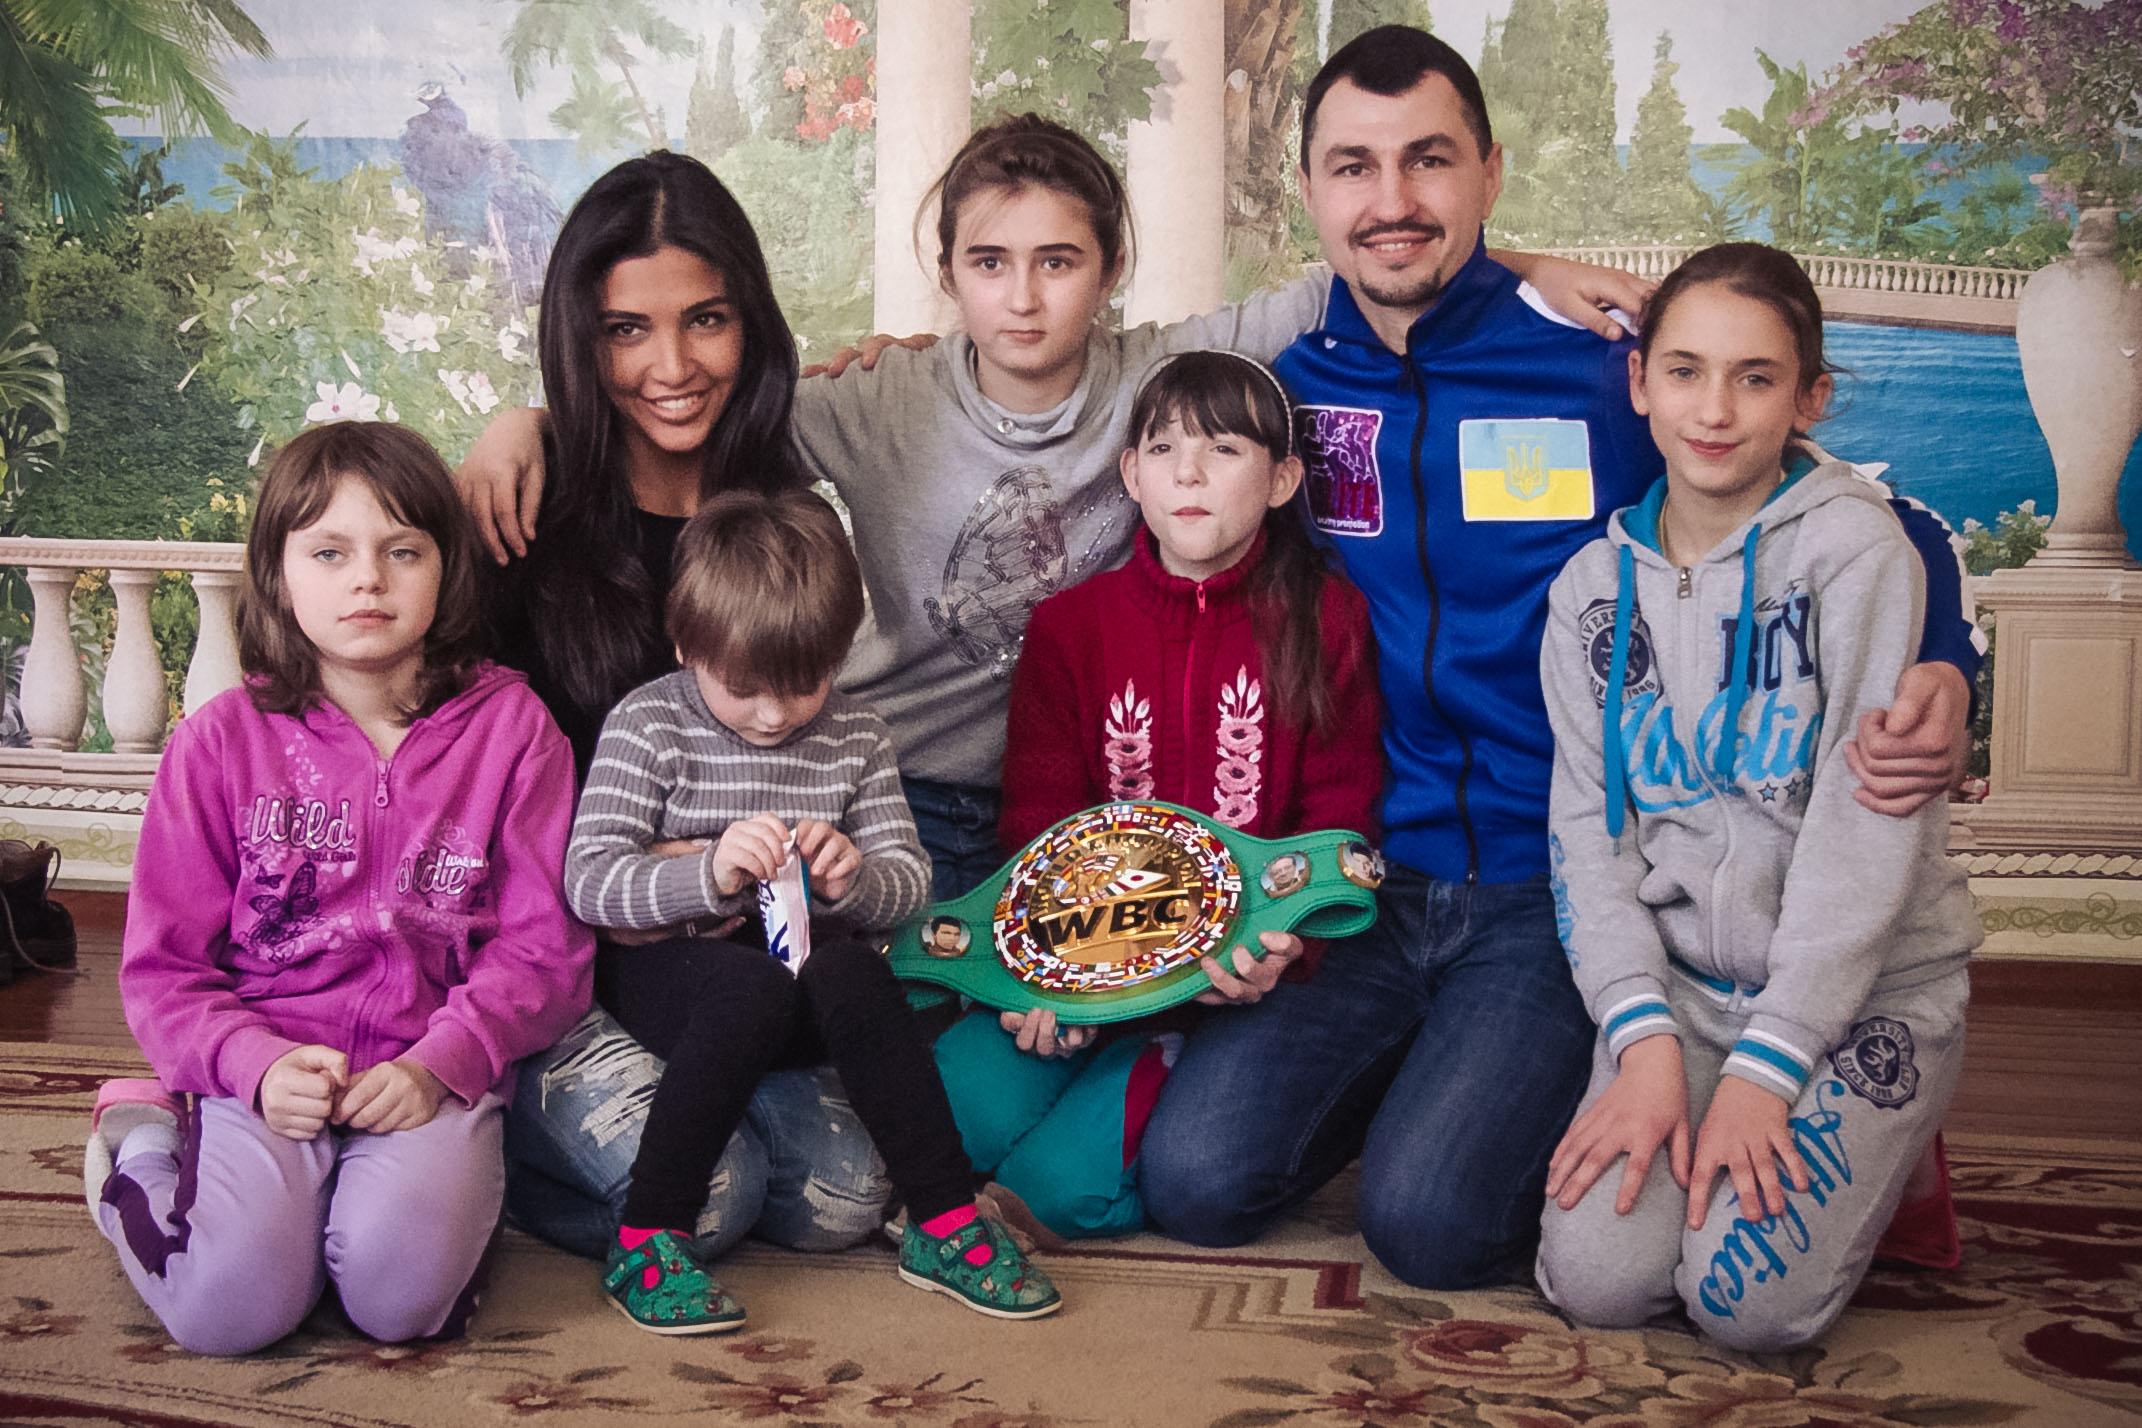 В Україні створили гру для популяризації серед дітей здорового способу життя - фото 4